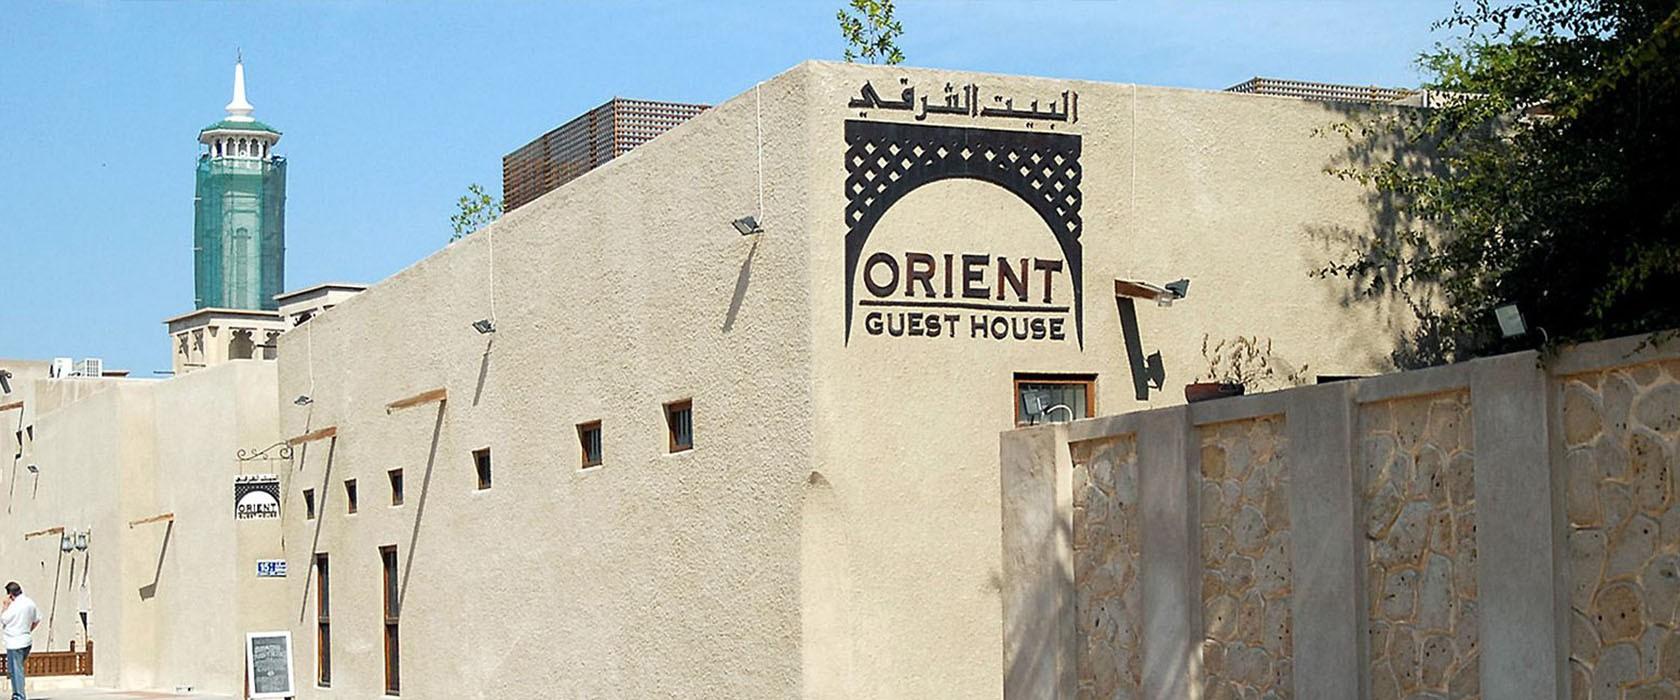 Orient Guest House